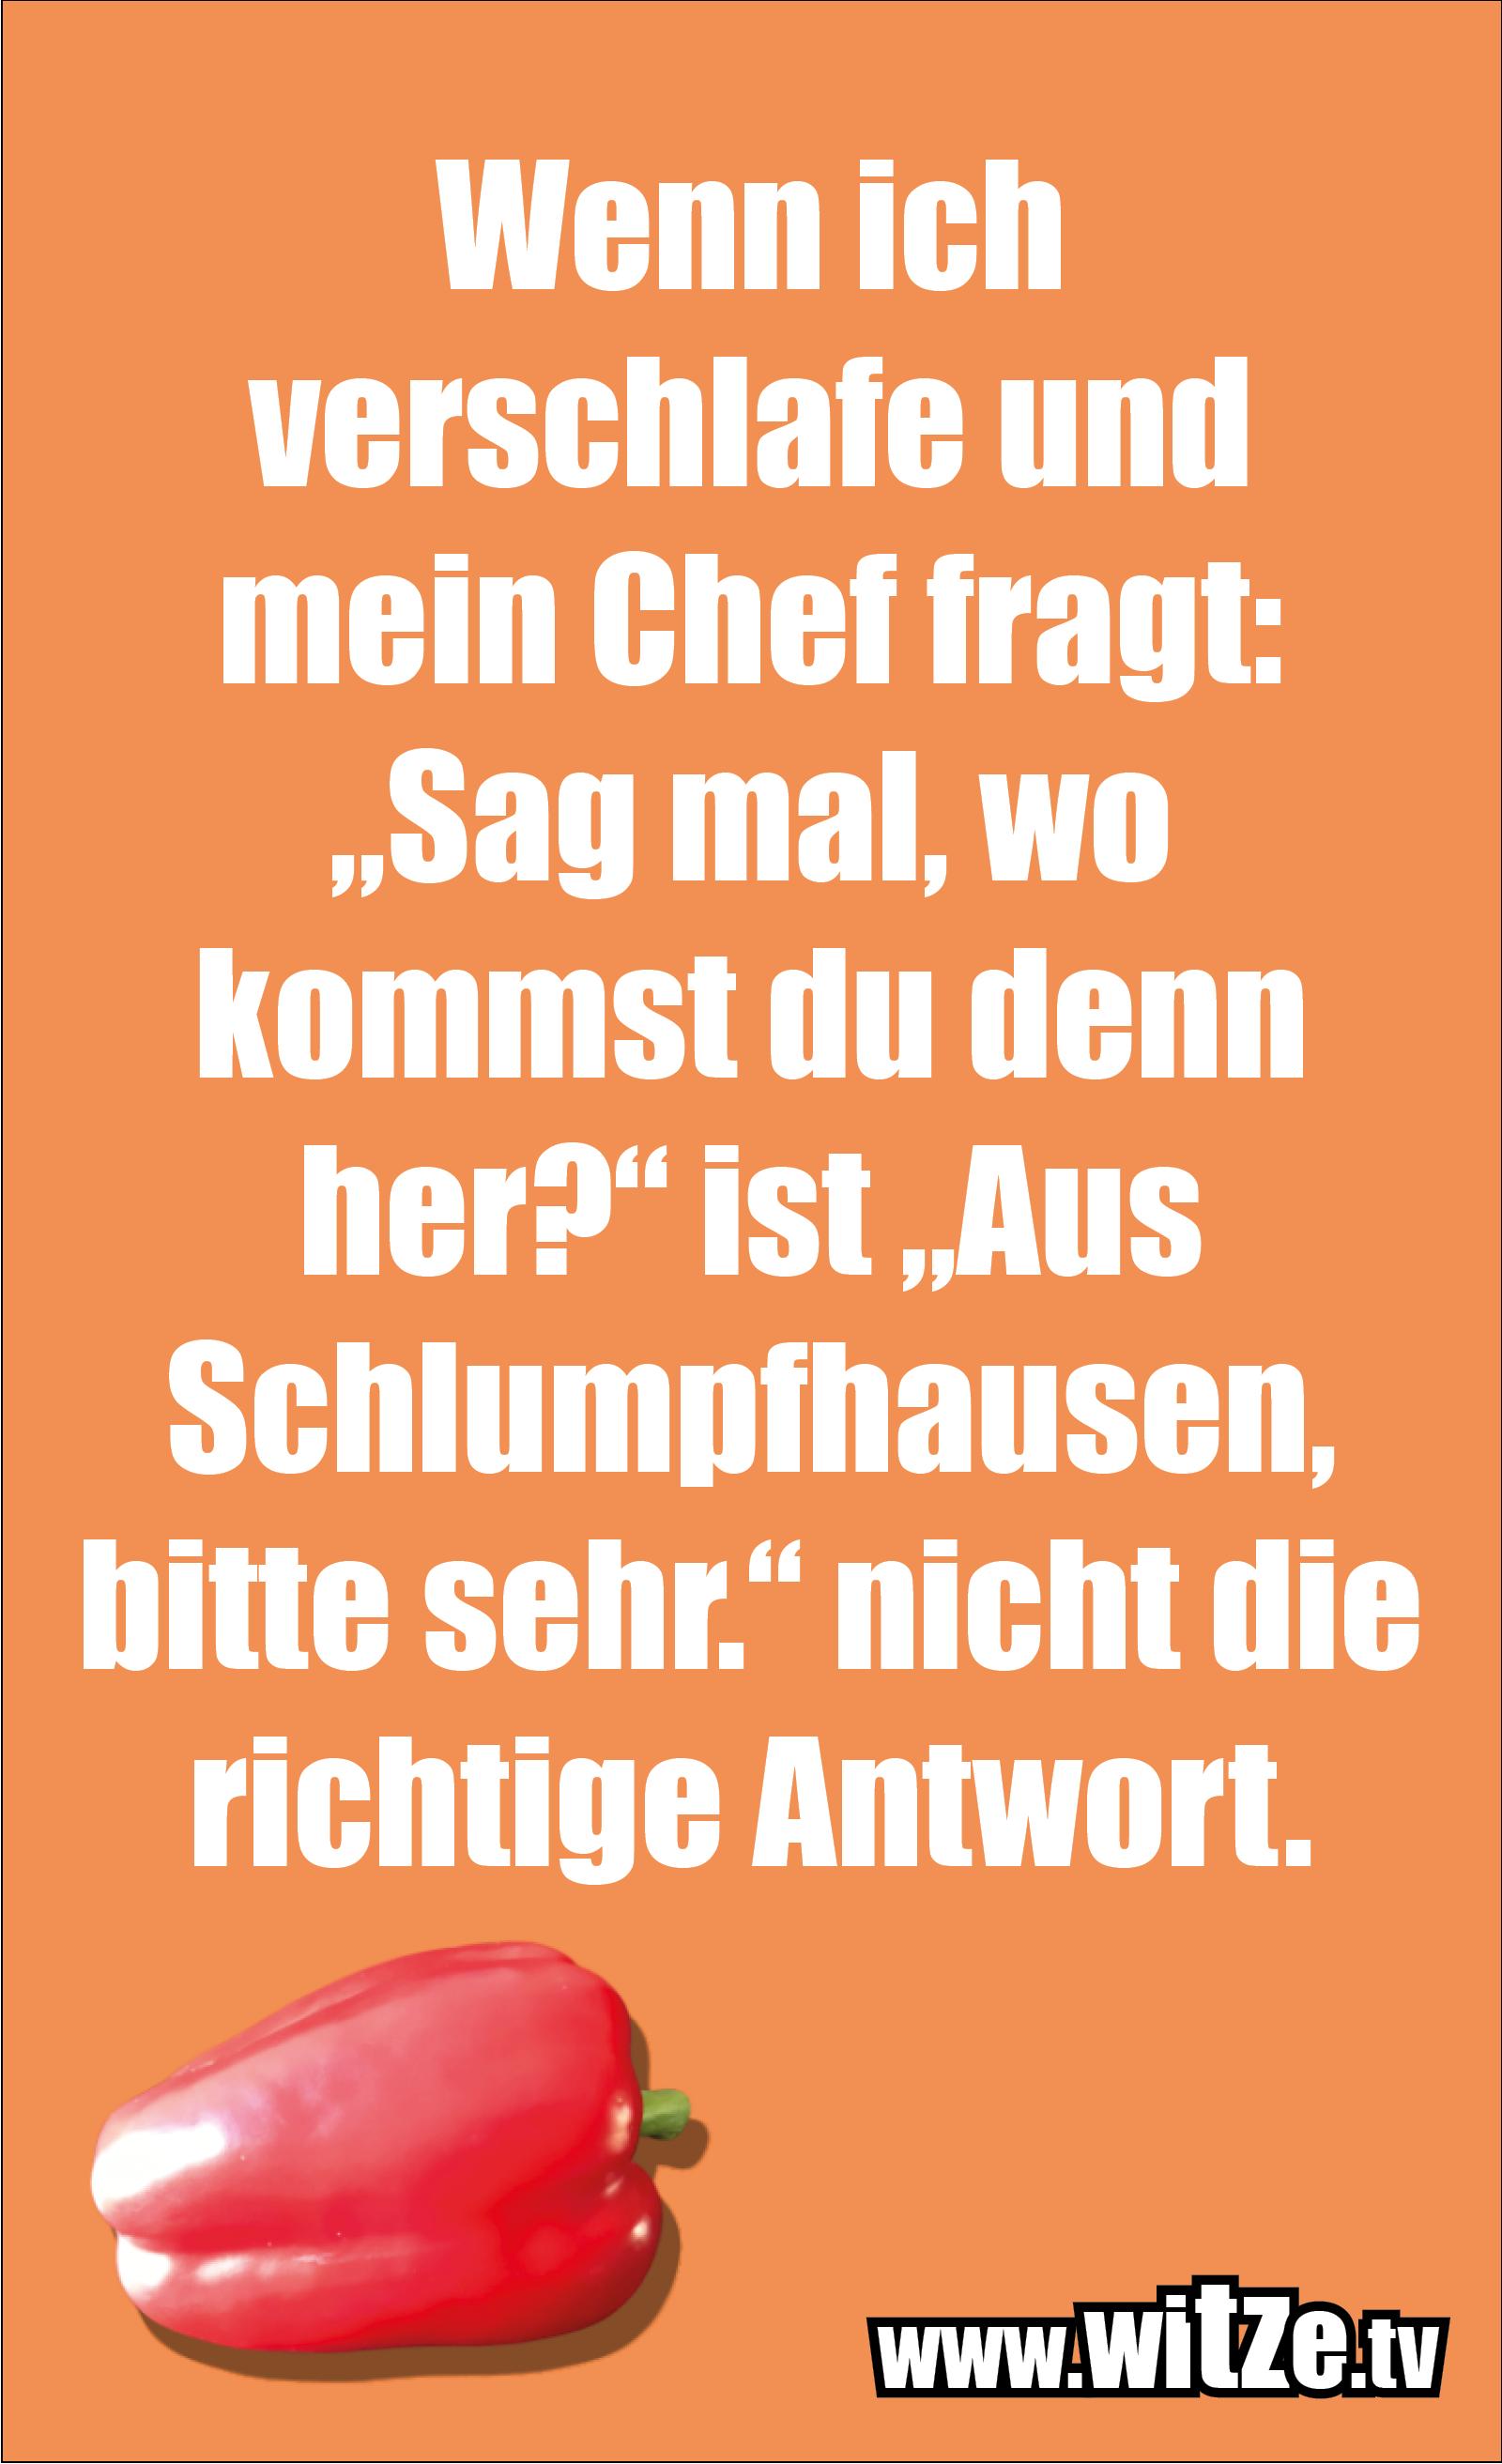 """Sarkasmus Sprüche: Wenn ich verschlafe und mein Chef fragt: """"Sag mal, wo kommst du denn her?"""" ist """"Aus Schlumpfhausen, bitte sehr."""" nicht die richtige Antwort."""